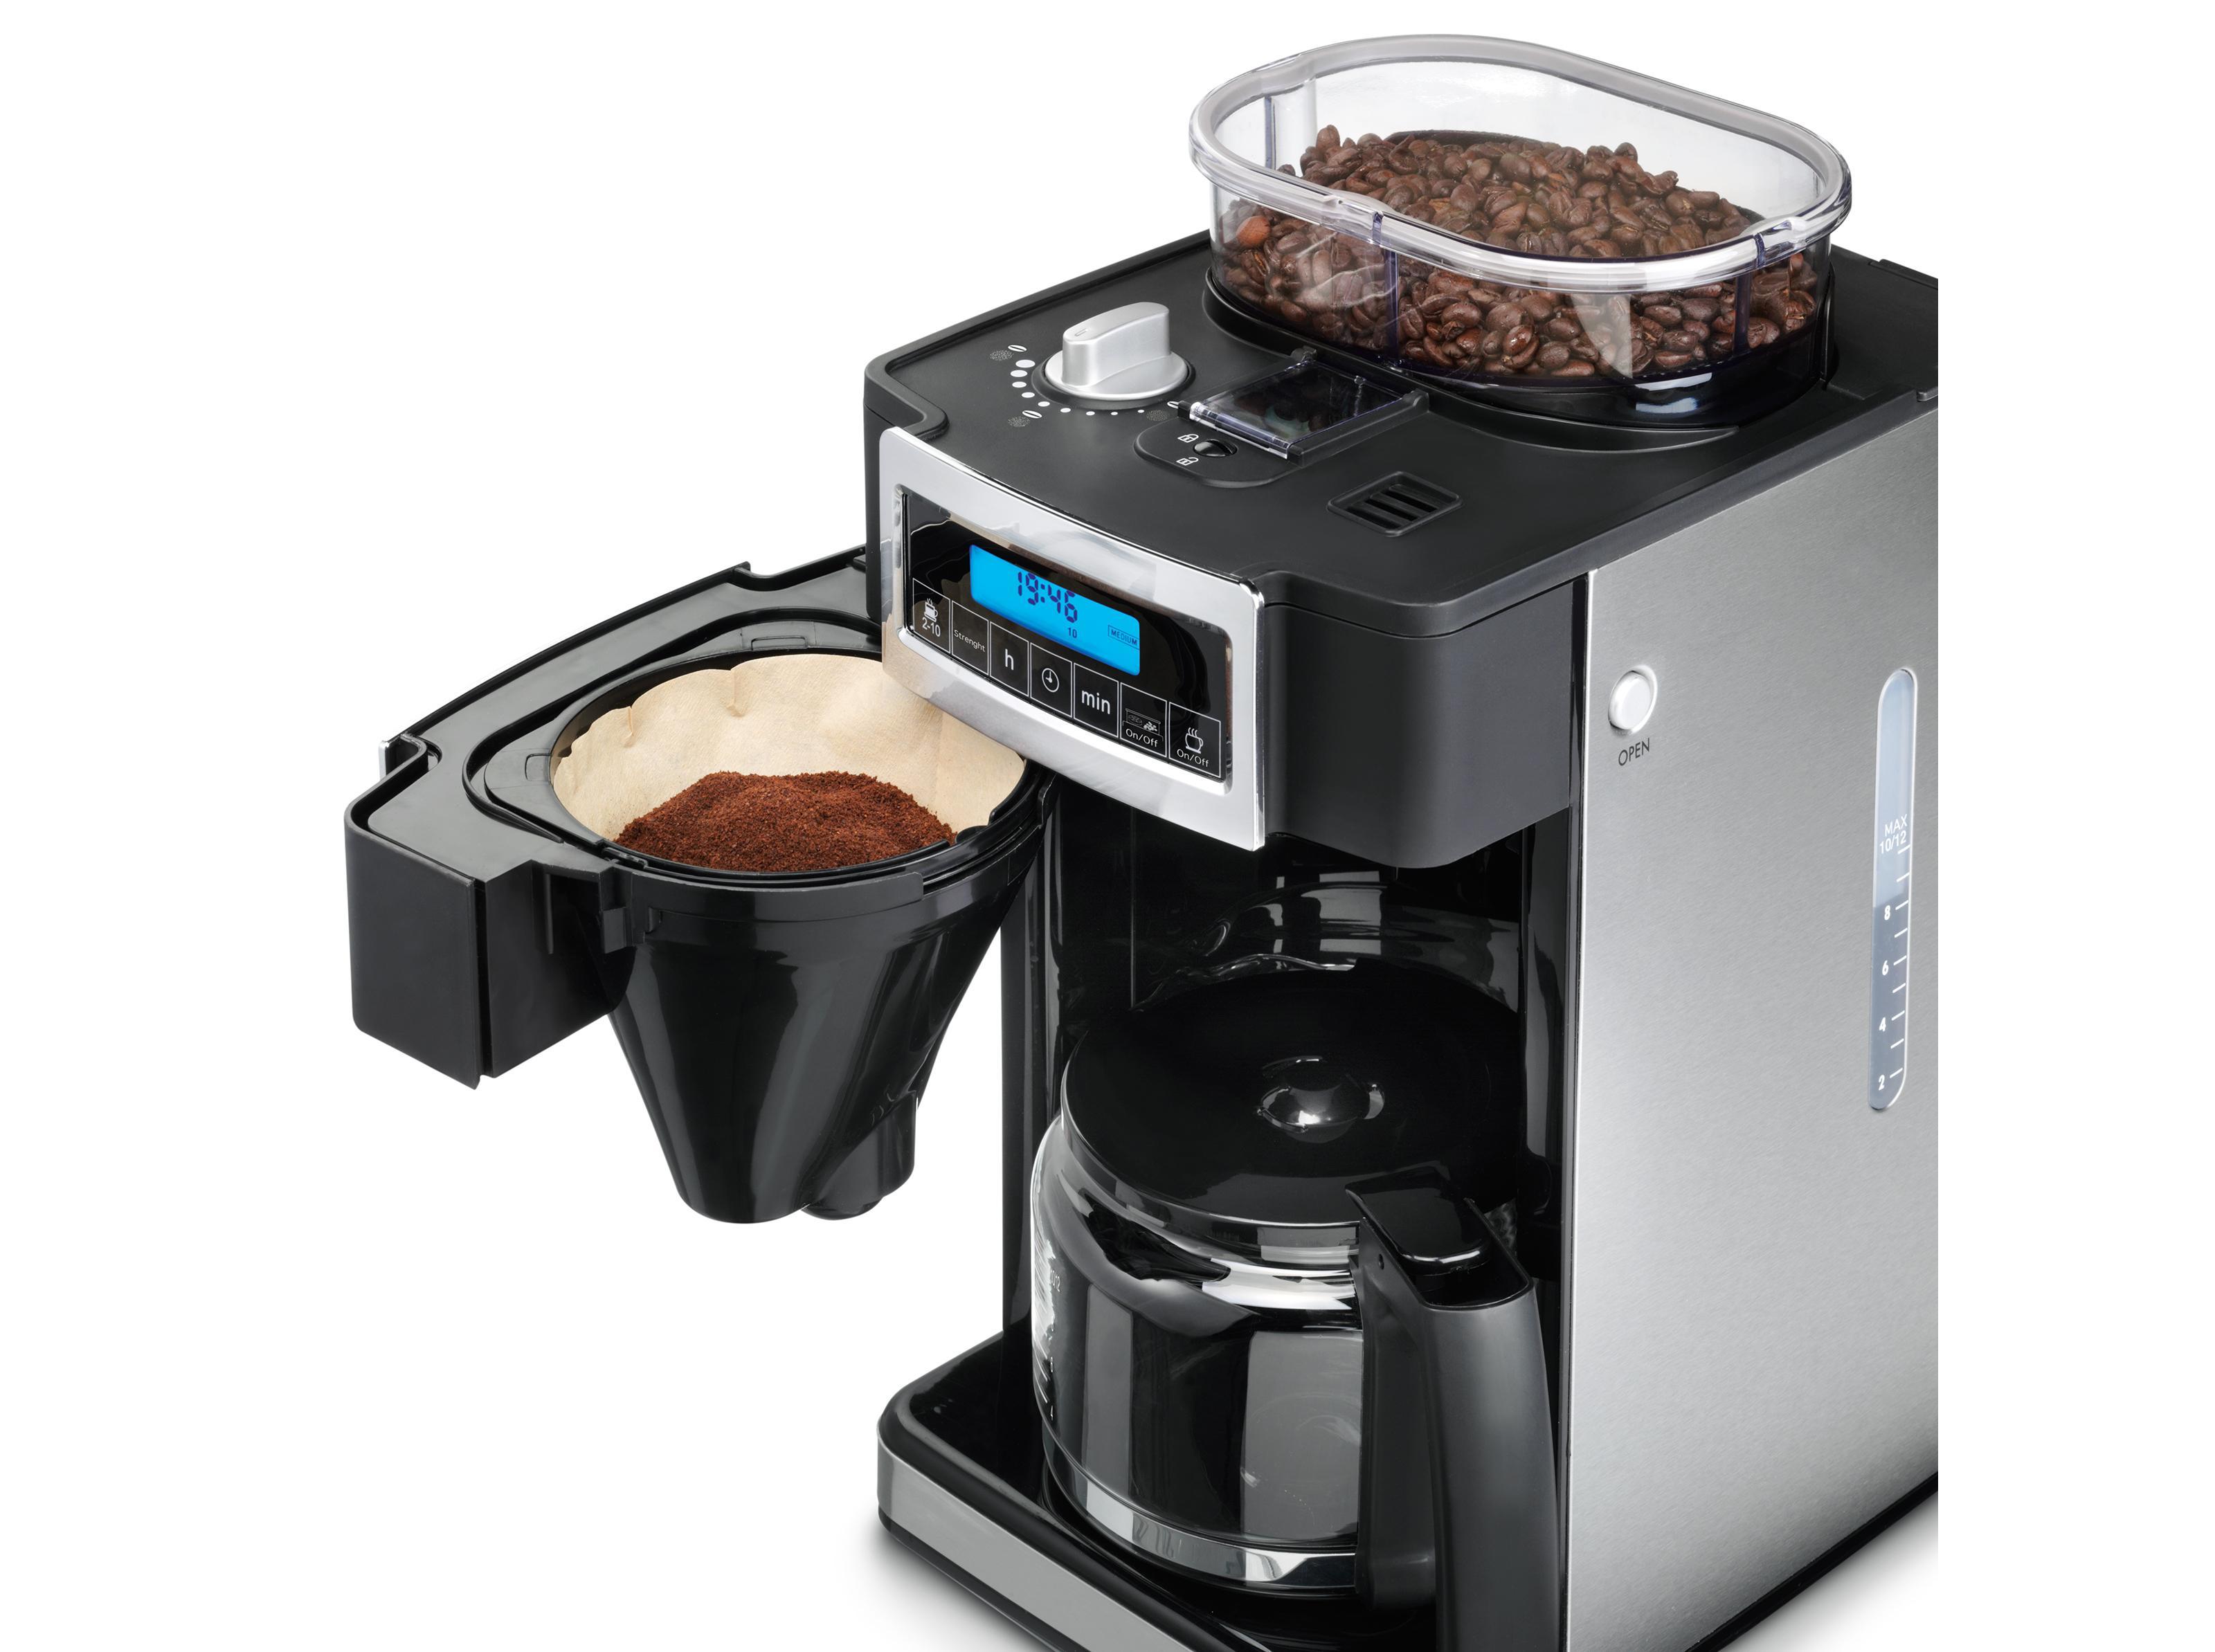 Princess 249402 - Cafetera con molinillo Deluxe, capacidad 1.25 l ...